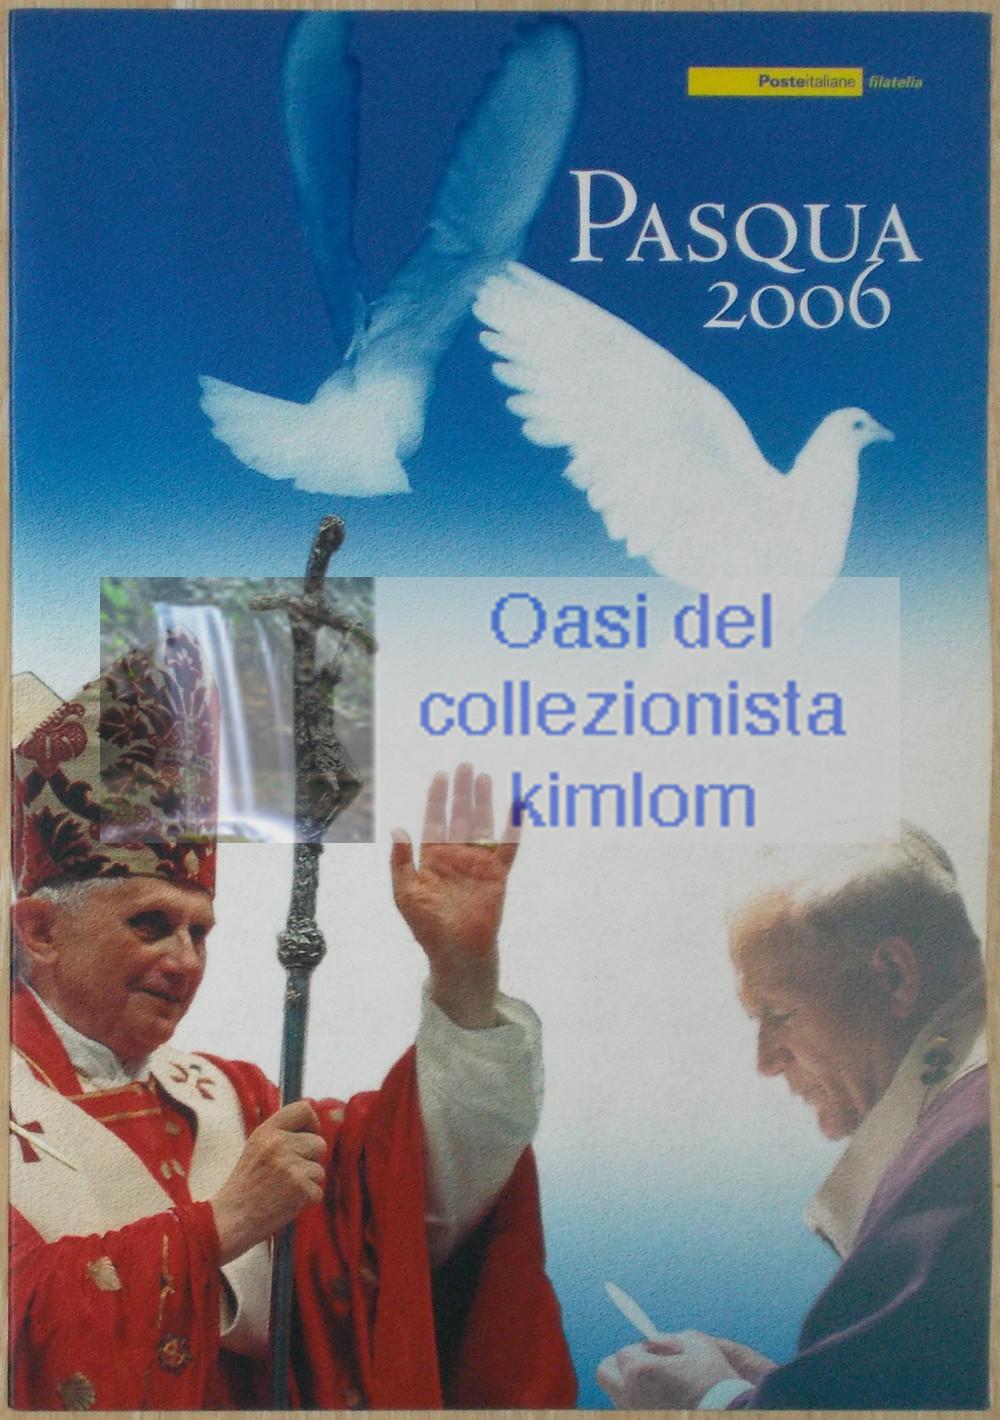 folder - Pasqua 2006